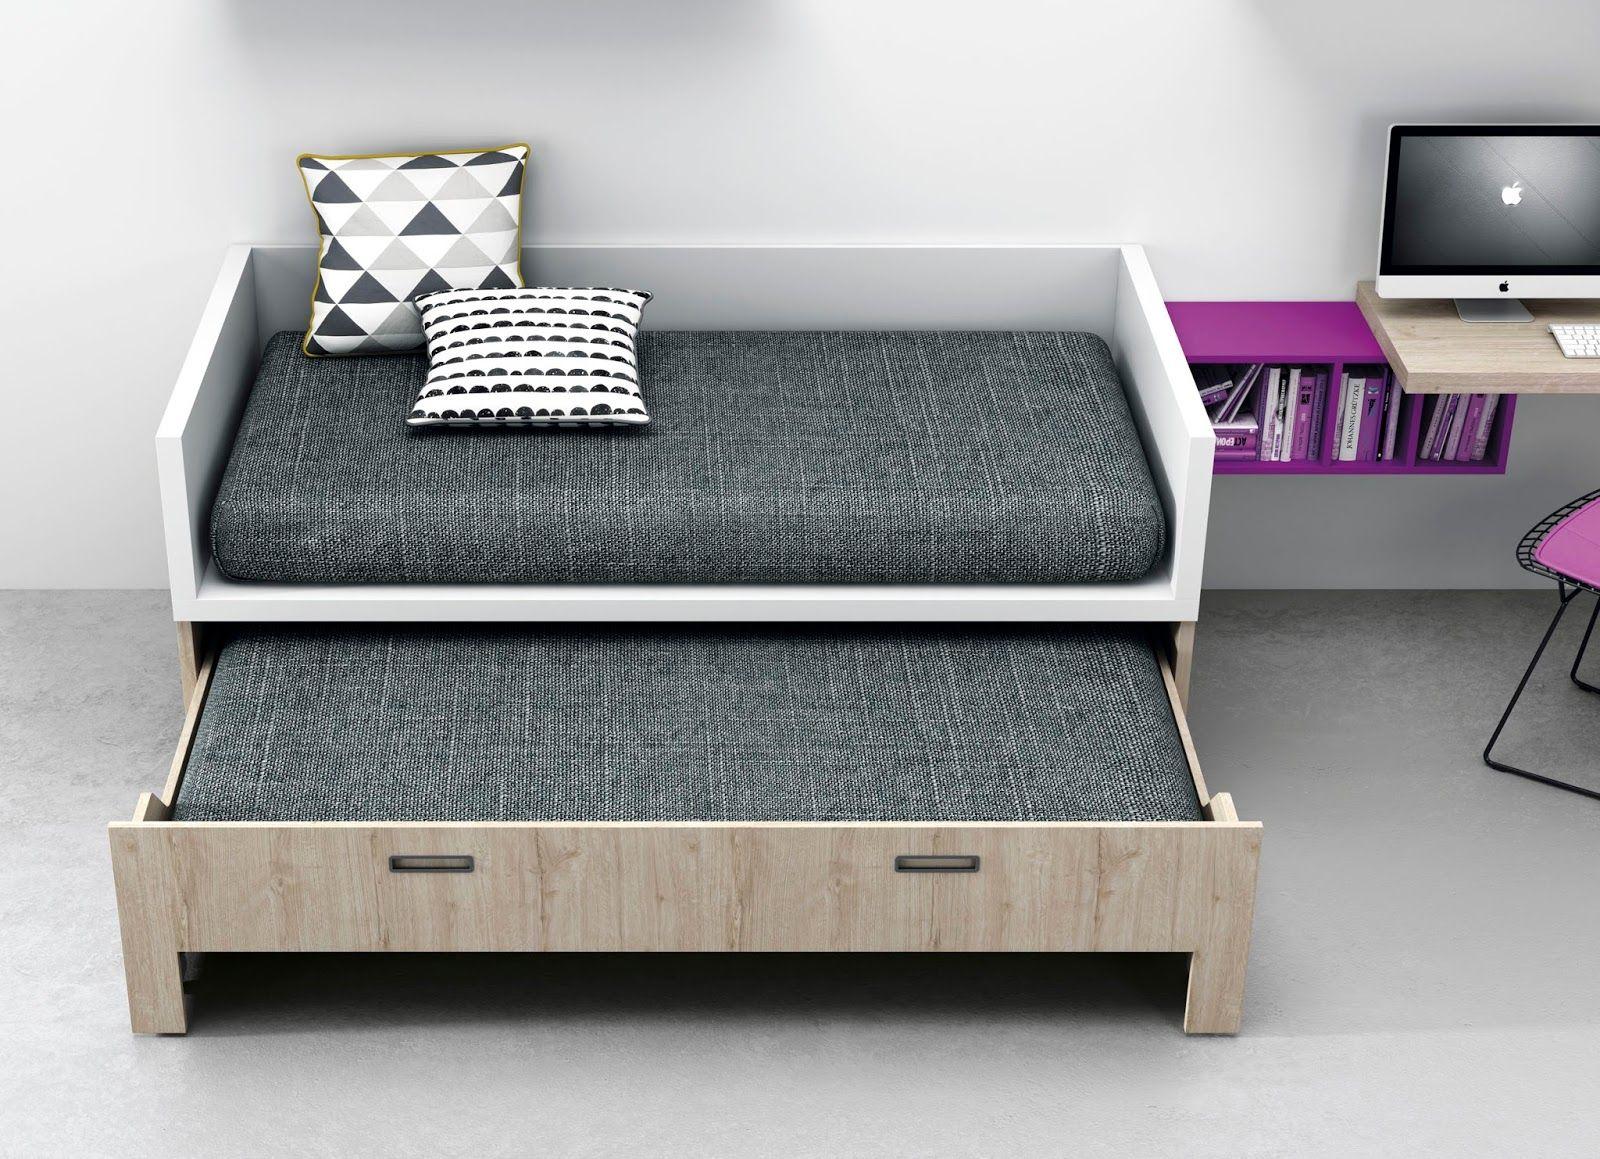 Dormitorios juveniles habitaciones infantiles y mueble for Dormitorios infantiles y juveniles